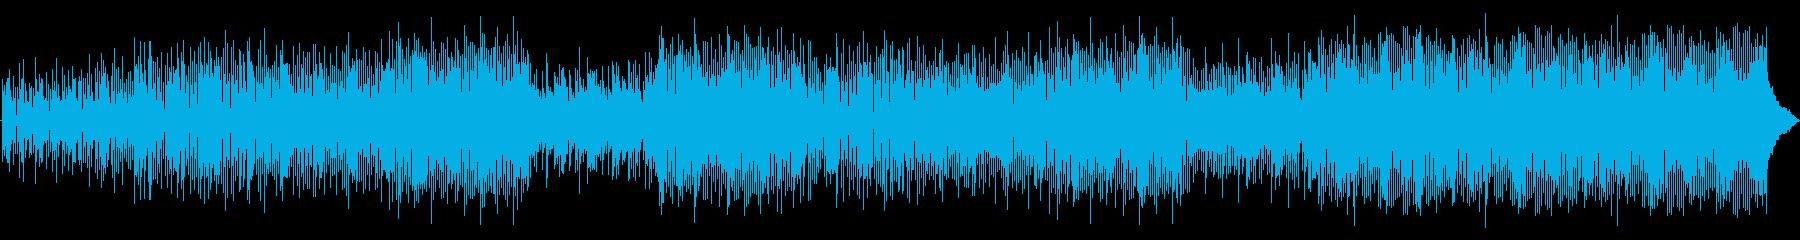 ナイロンアコースティックギター、ピ...の再生済みの波形